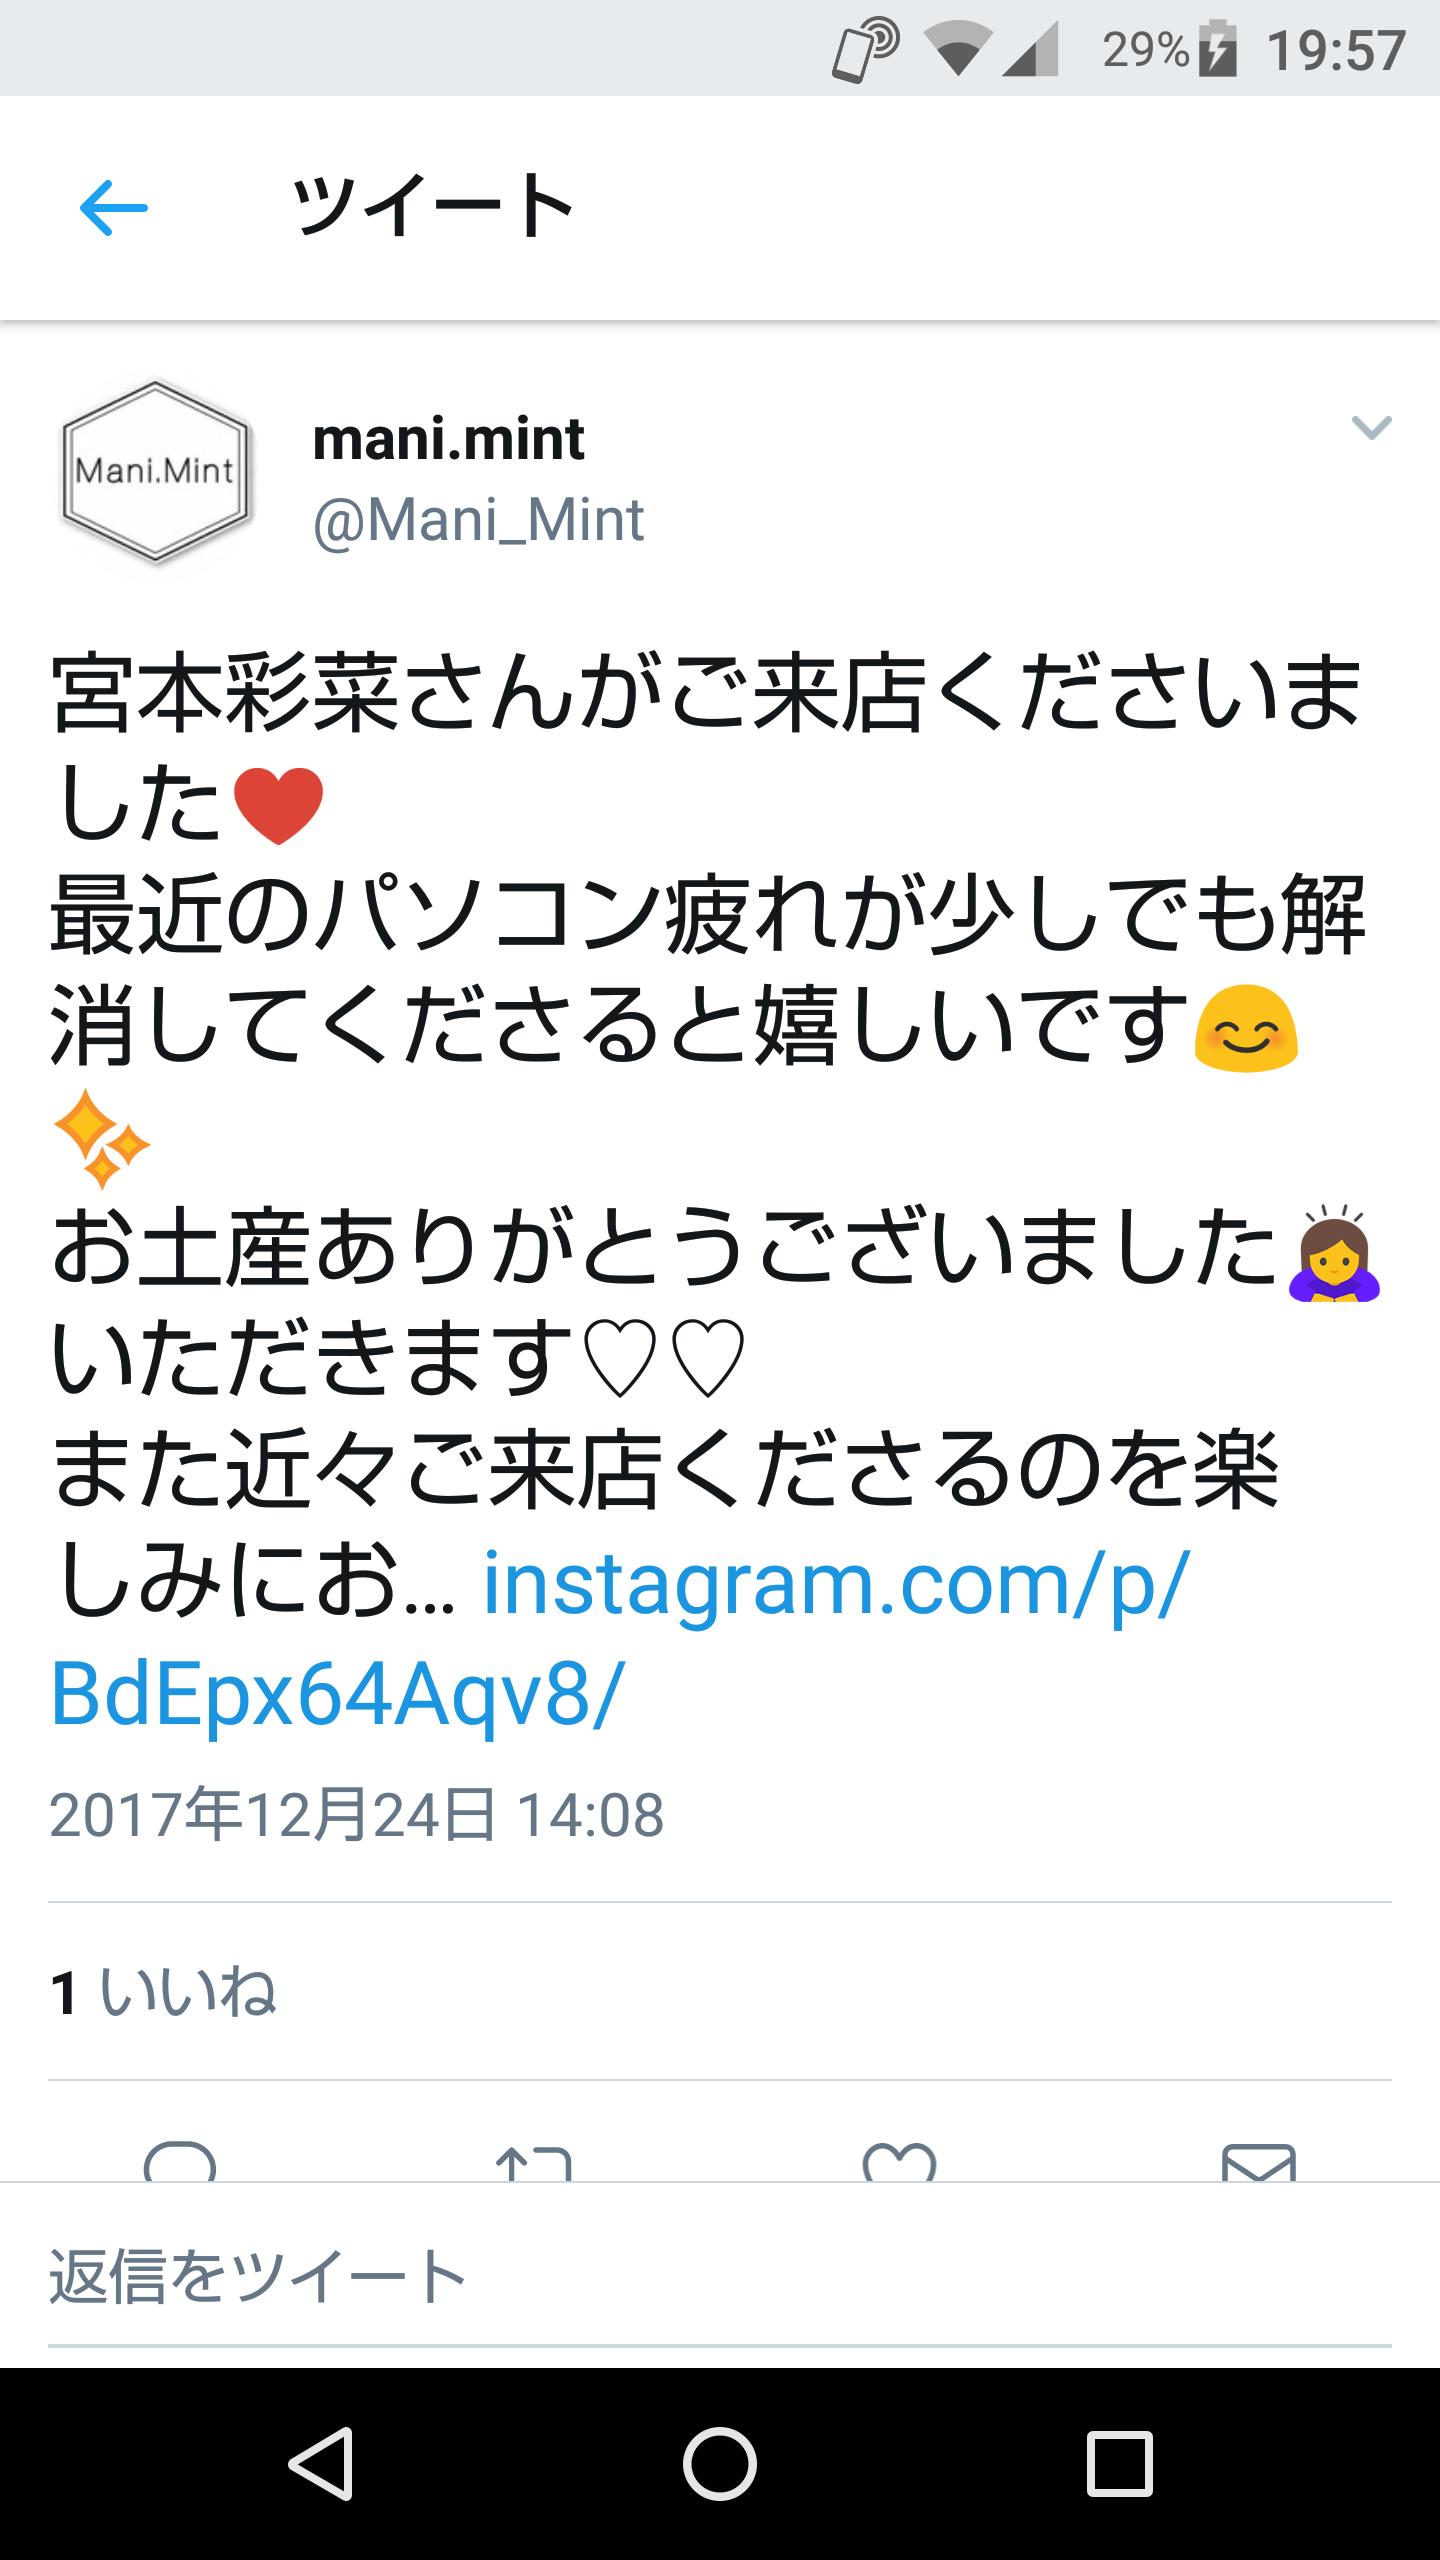 【緊急事態】宮本彩菜がリベンジポルノで逮捕の可能性 動画をわざとネット掲載した説浮上